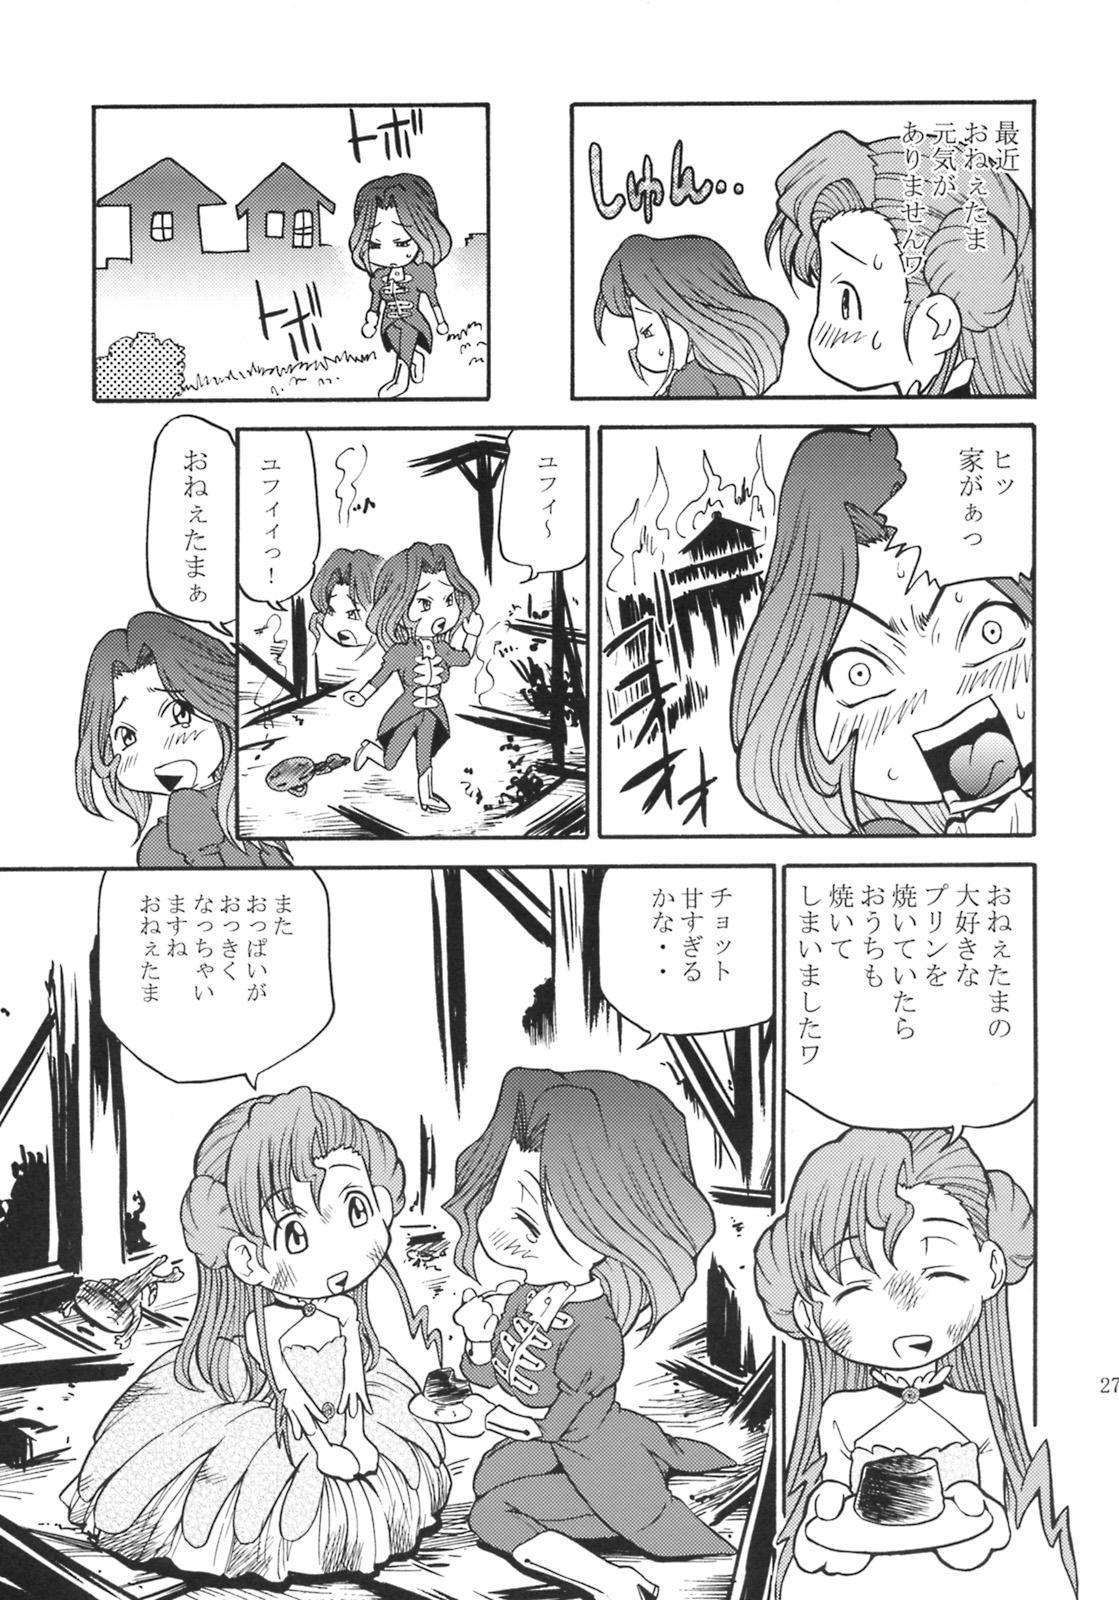 Kallen no Ryoujoku Nikki 25